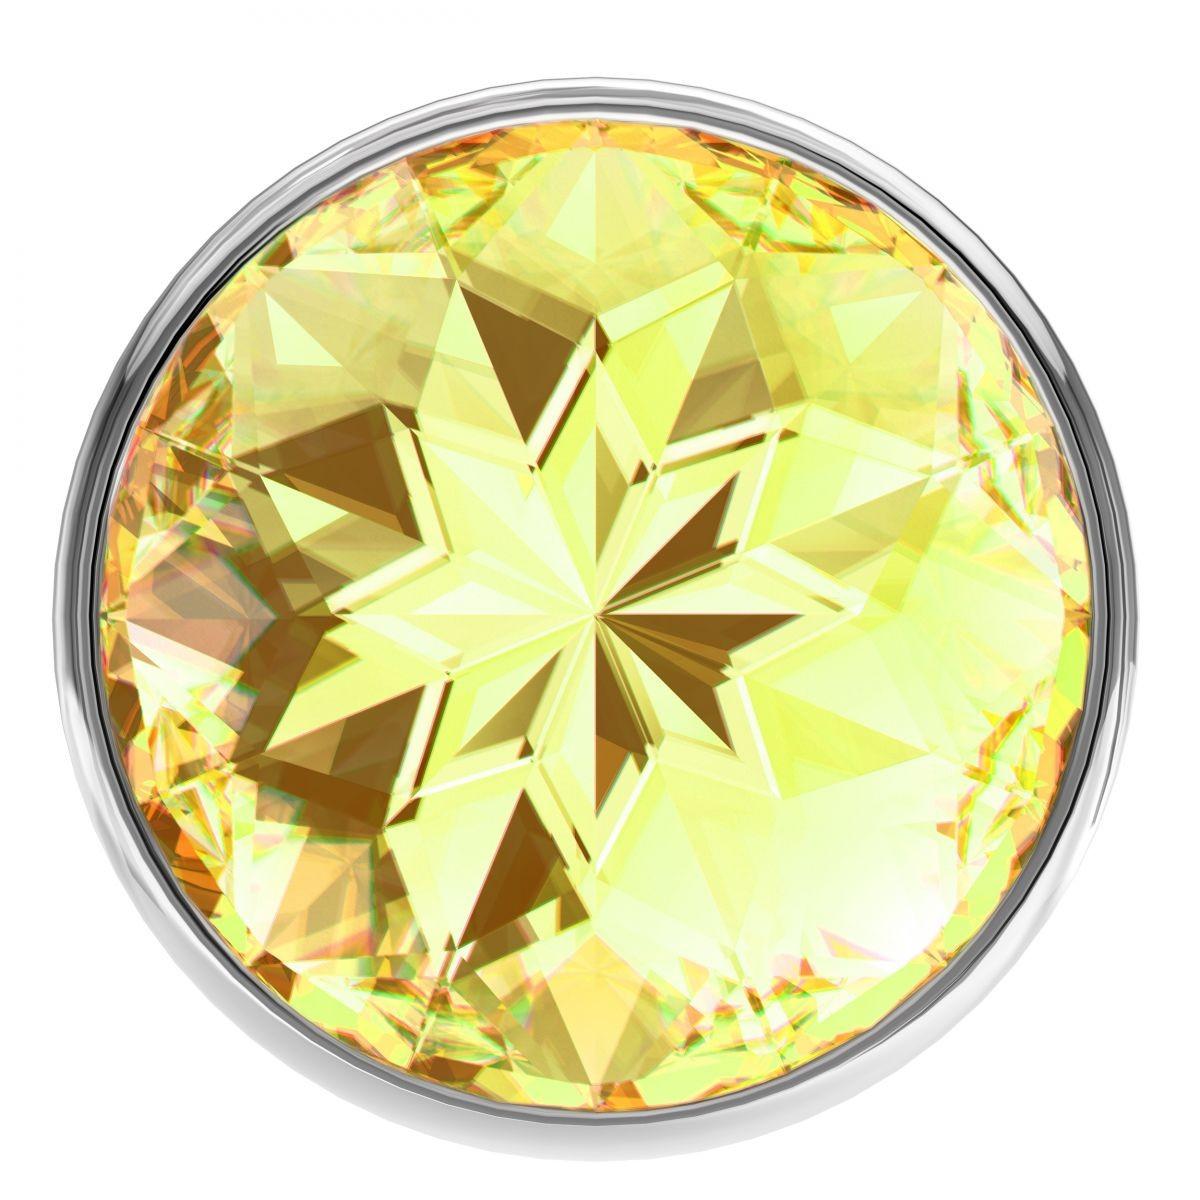 Дополнительное фото 2 товара Большая серебристая анальная пробка Diamond Yellow Sparkle Large с жёлтым кристаллом - 8 см.